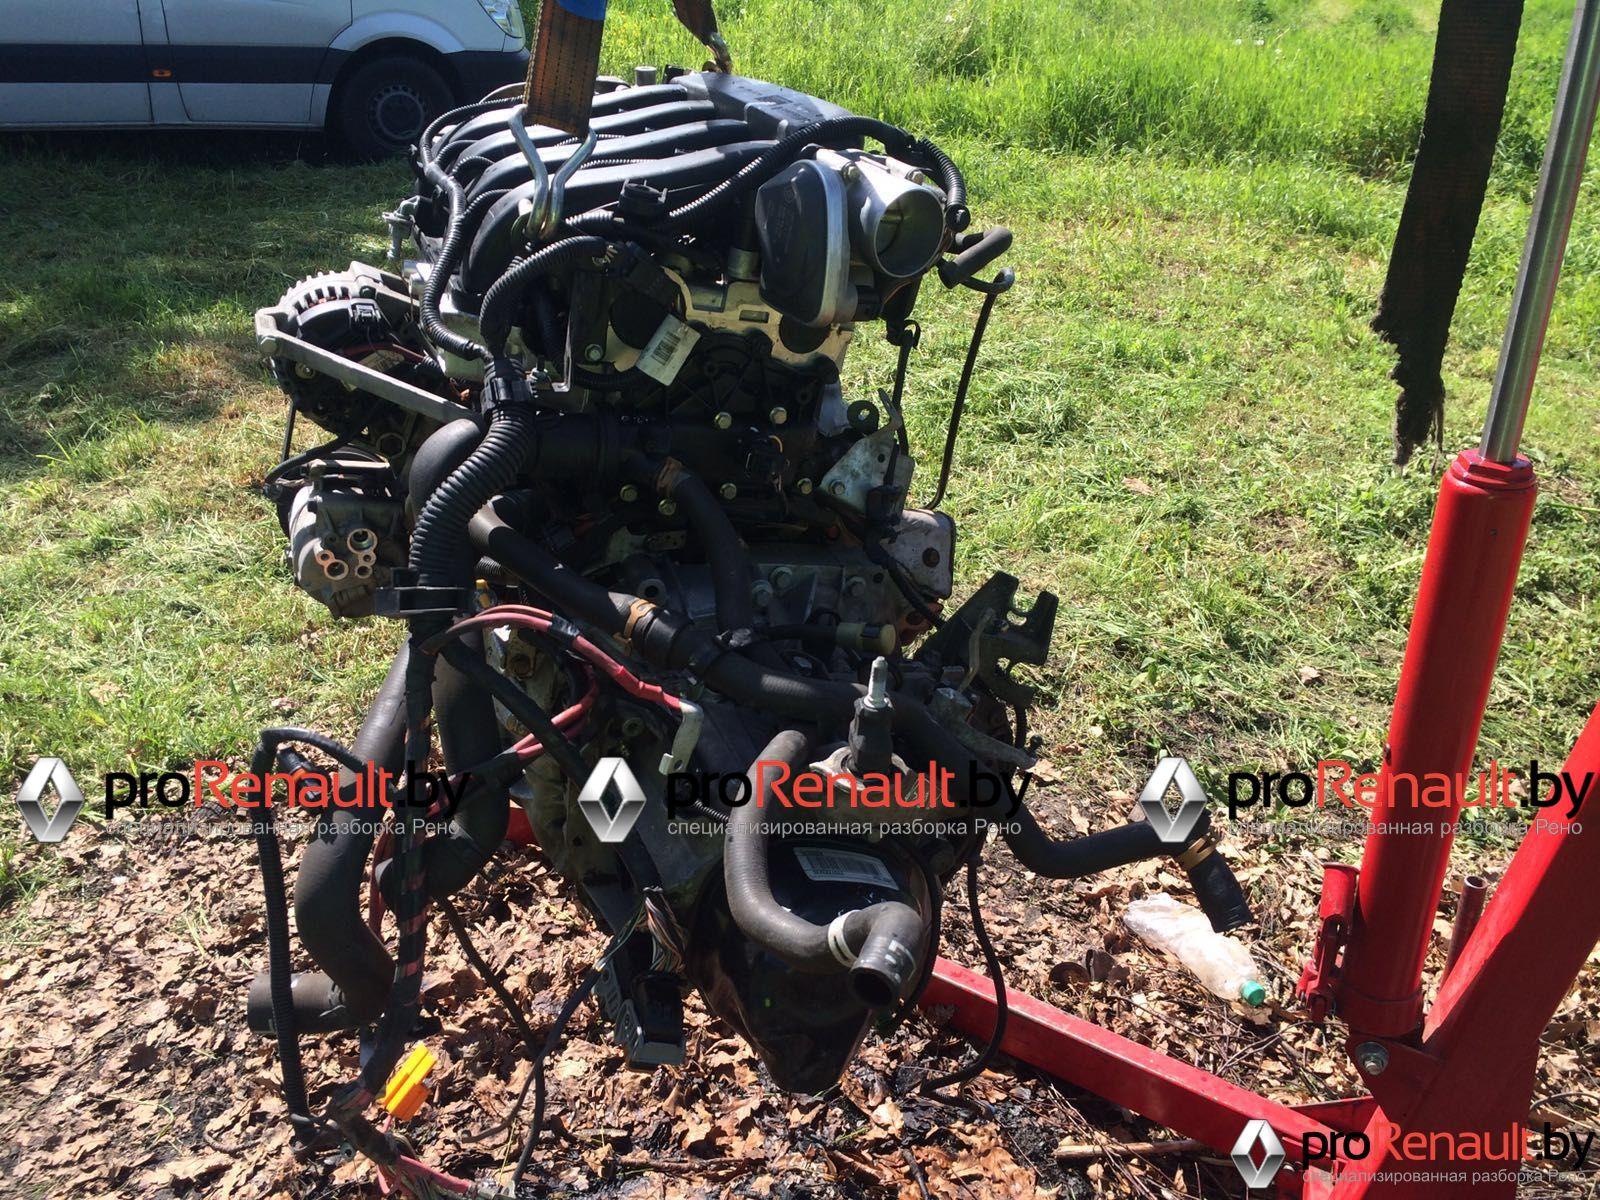 Двигатель Рено K4M 1.6 бензин c фазорегулятором